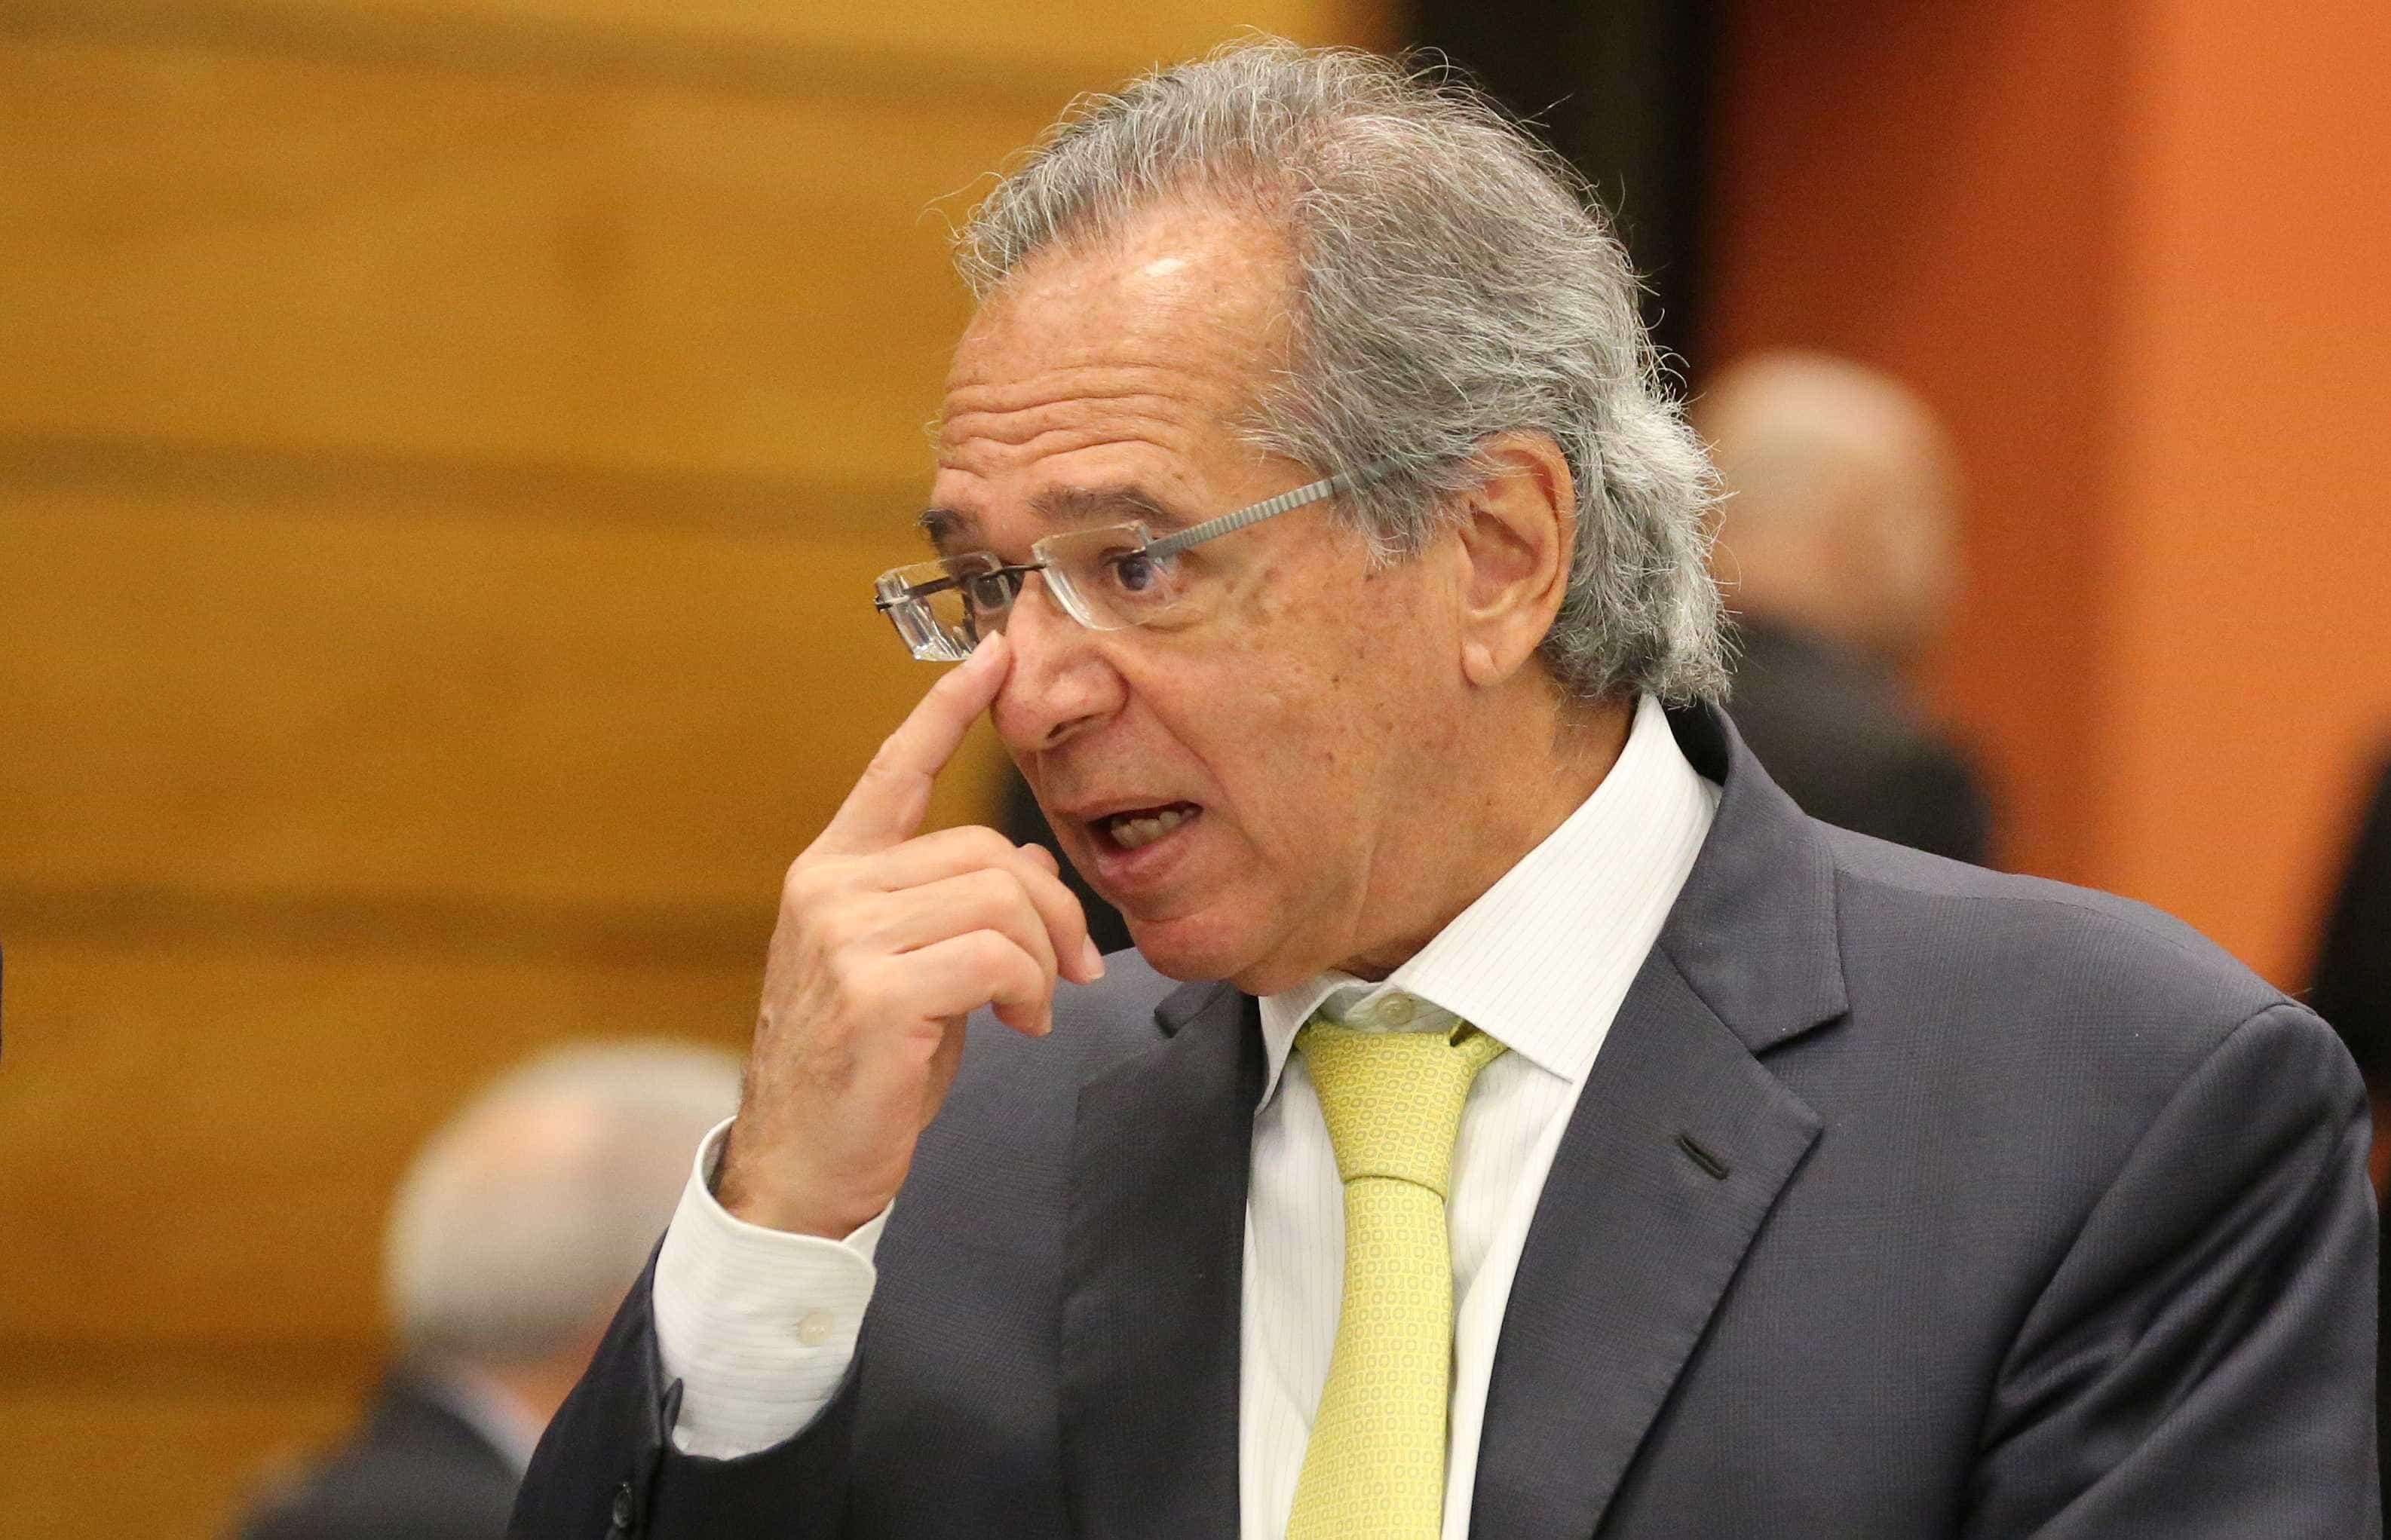 Governadores querem que reforma contemple soluções à crise dos estados